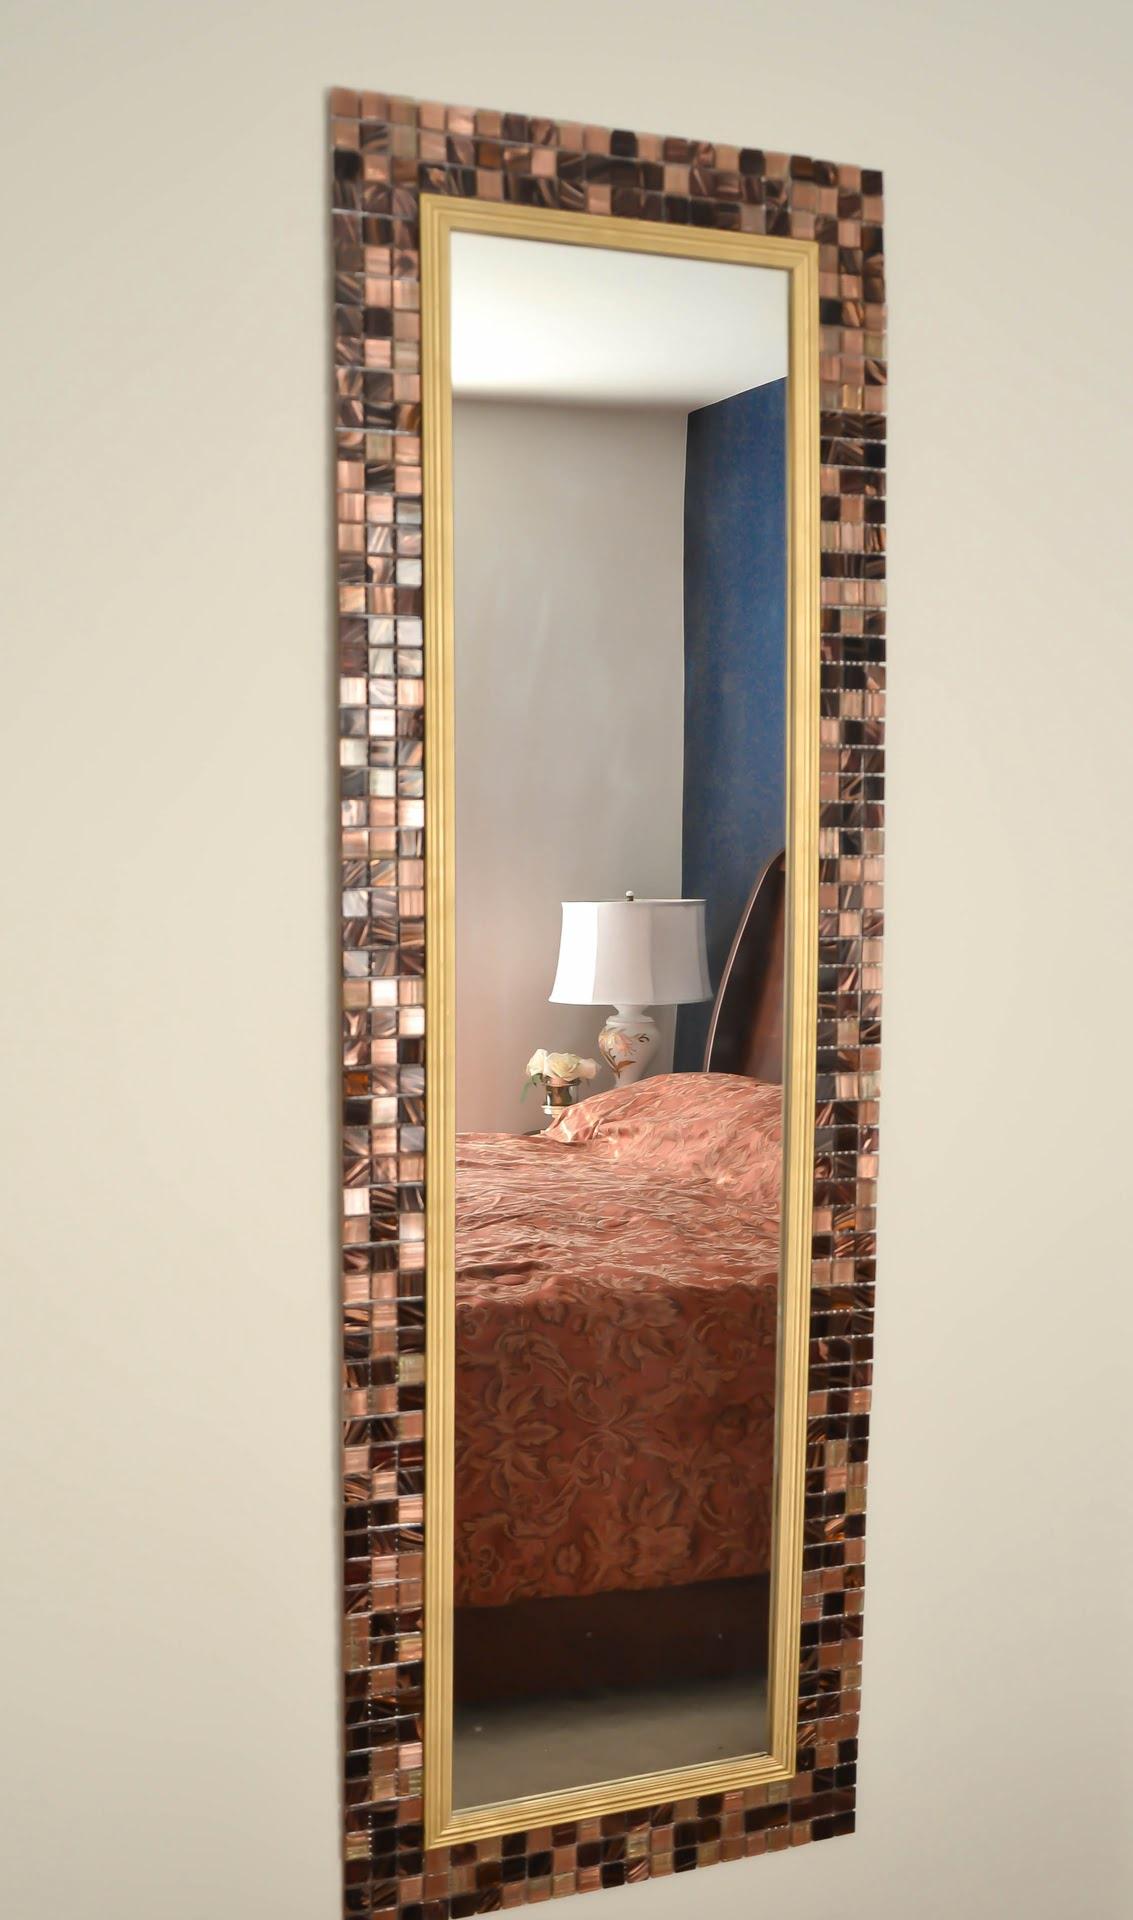 Diy cadre de miroir en carrelage mosa que for Miroir 9 carreaux